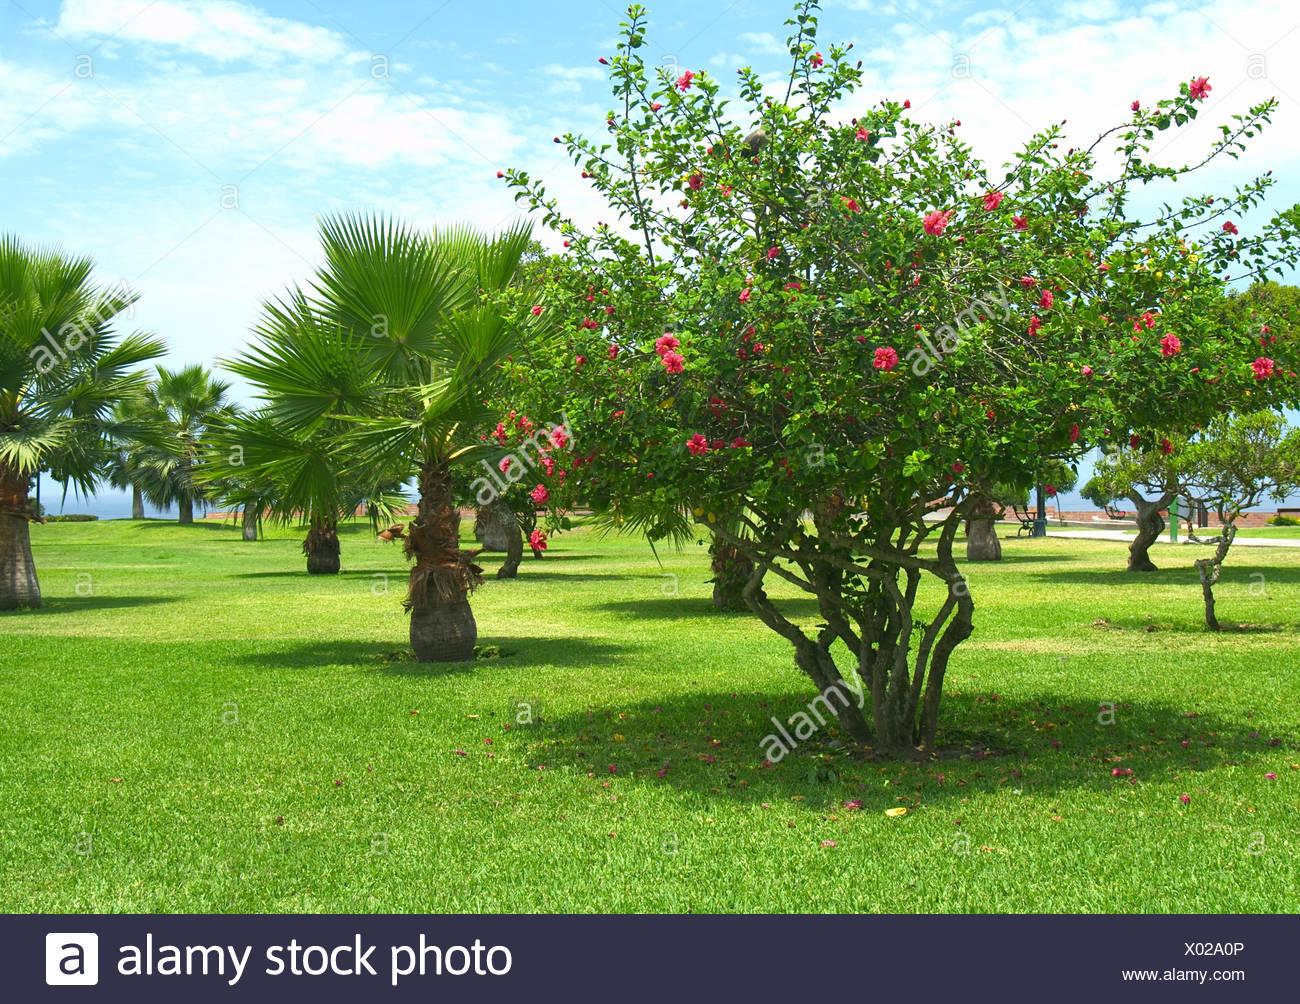 Immagini Di Piante E Alberi parco di alberi di piante e fiori di ibisco foglia perù tree